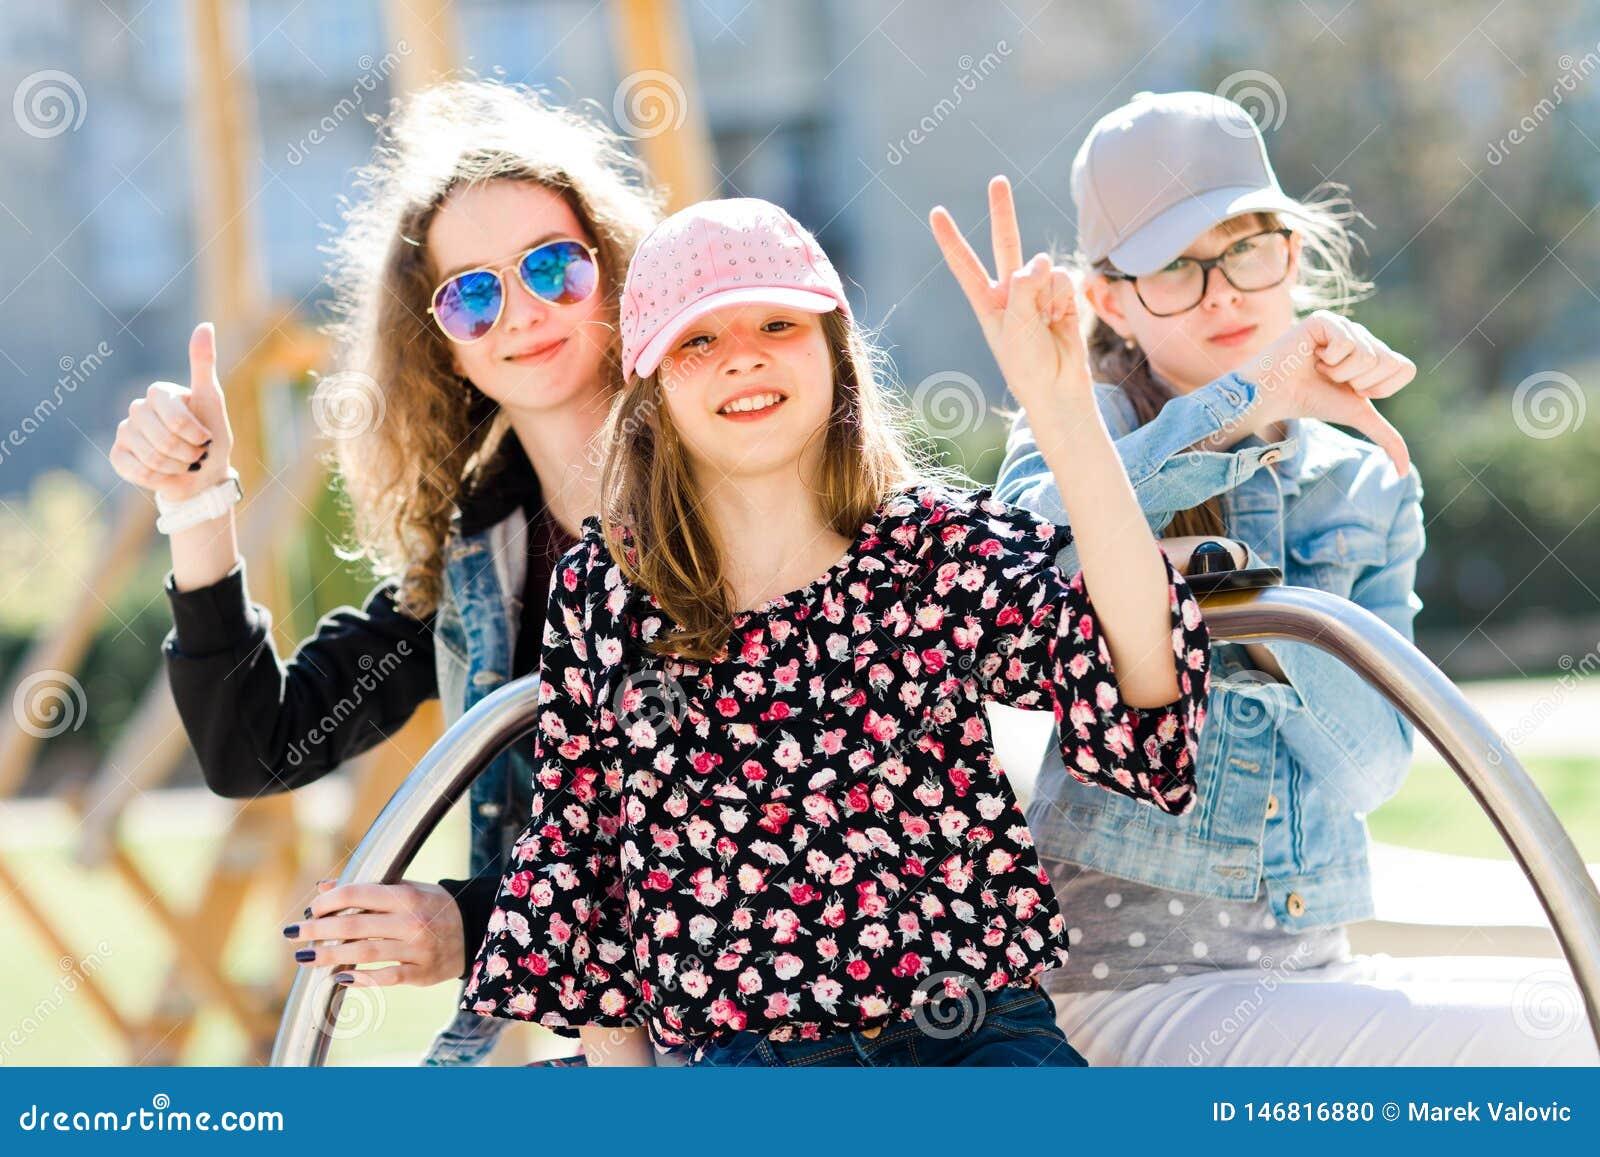 Tres chicas jóvenes en el patio que se sienta en el pequeño carrusel - la victoria, golpea pesadamente para arriba y golpear pesa